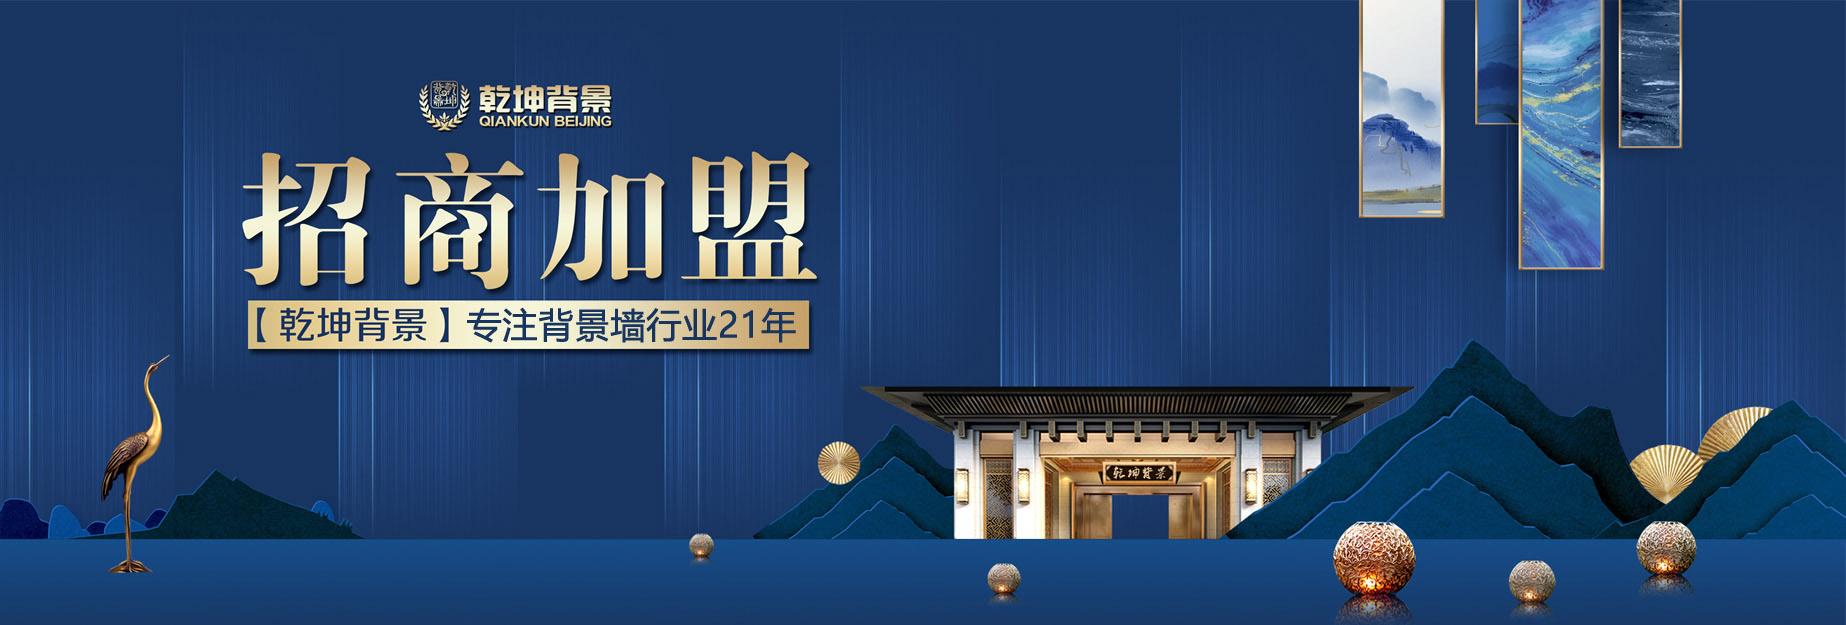 乾坤背景-电视青娱乐视频分类精品风水学专利品牌